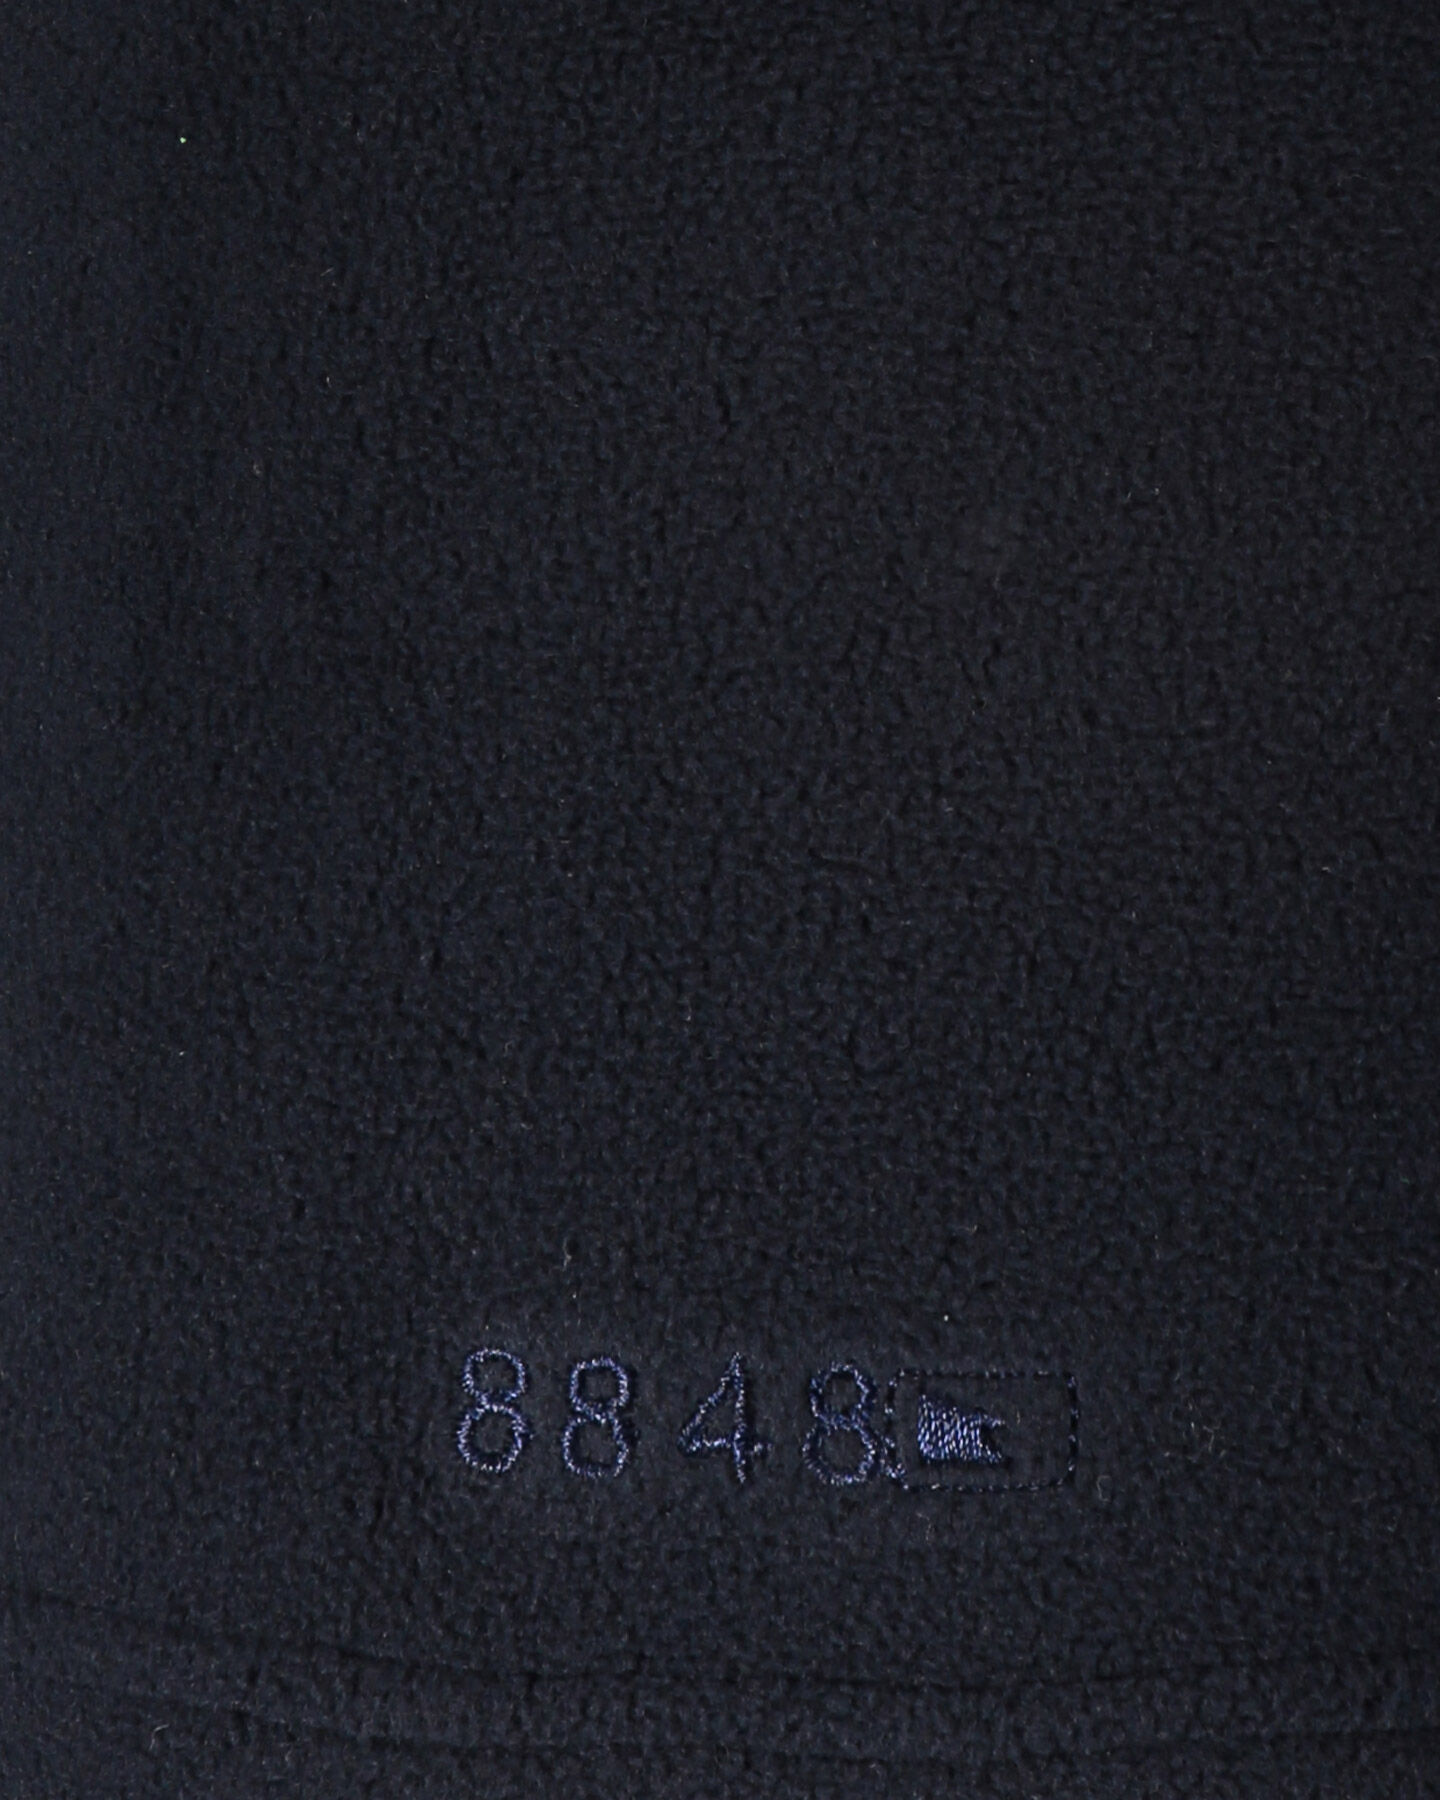 Scaldacollo 8848 NECK WARMER JR S1249163 scatto 1